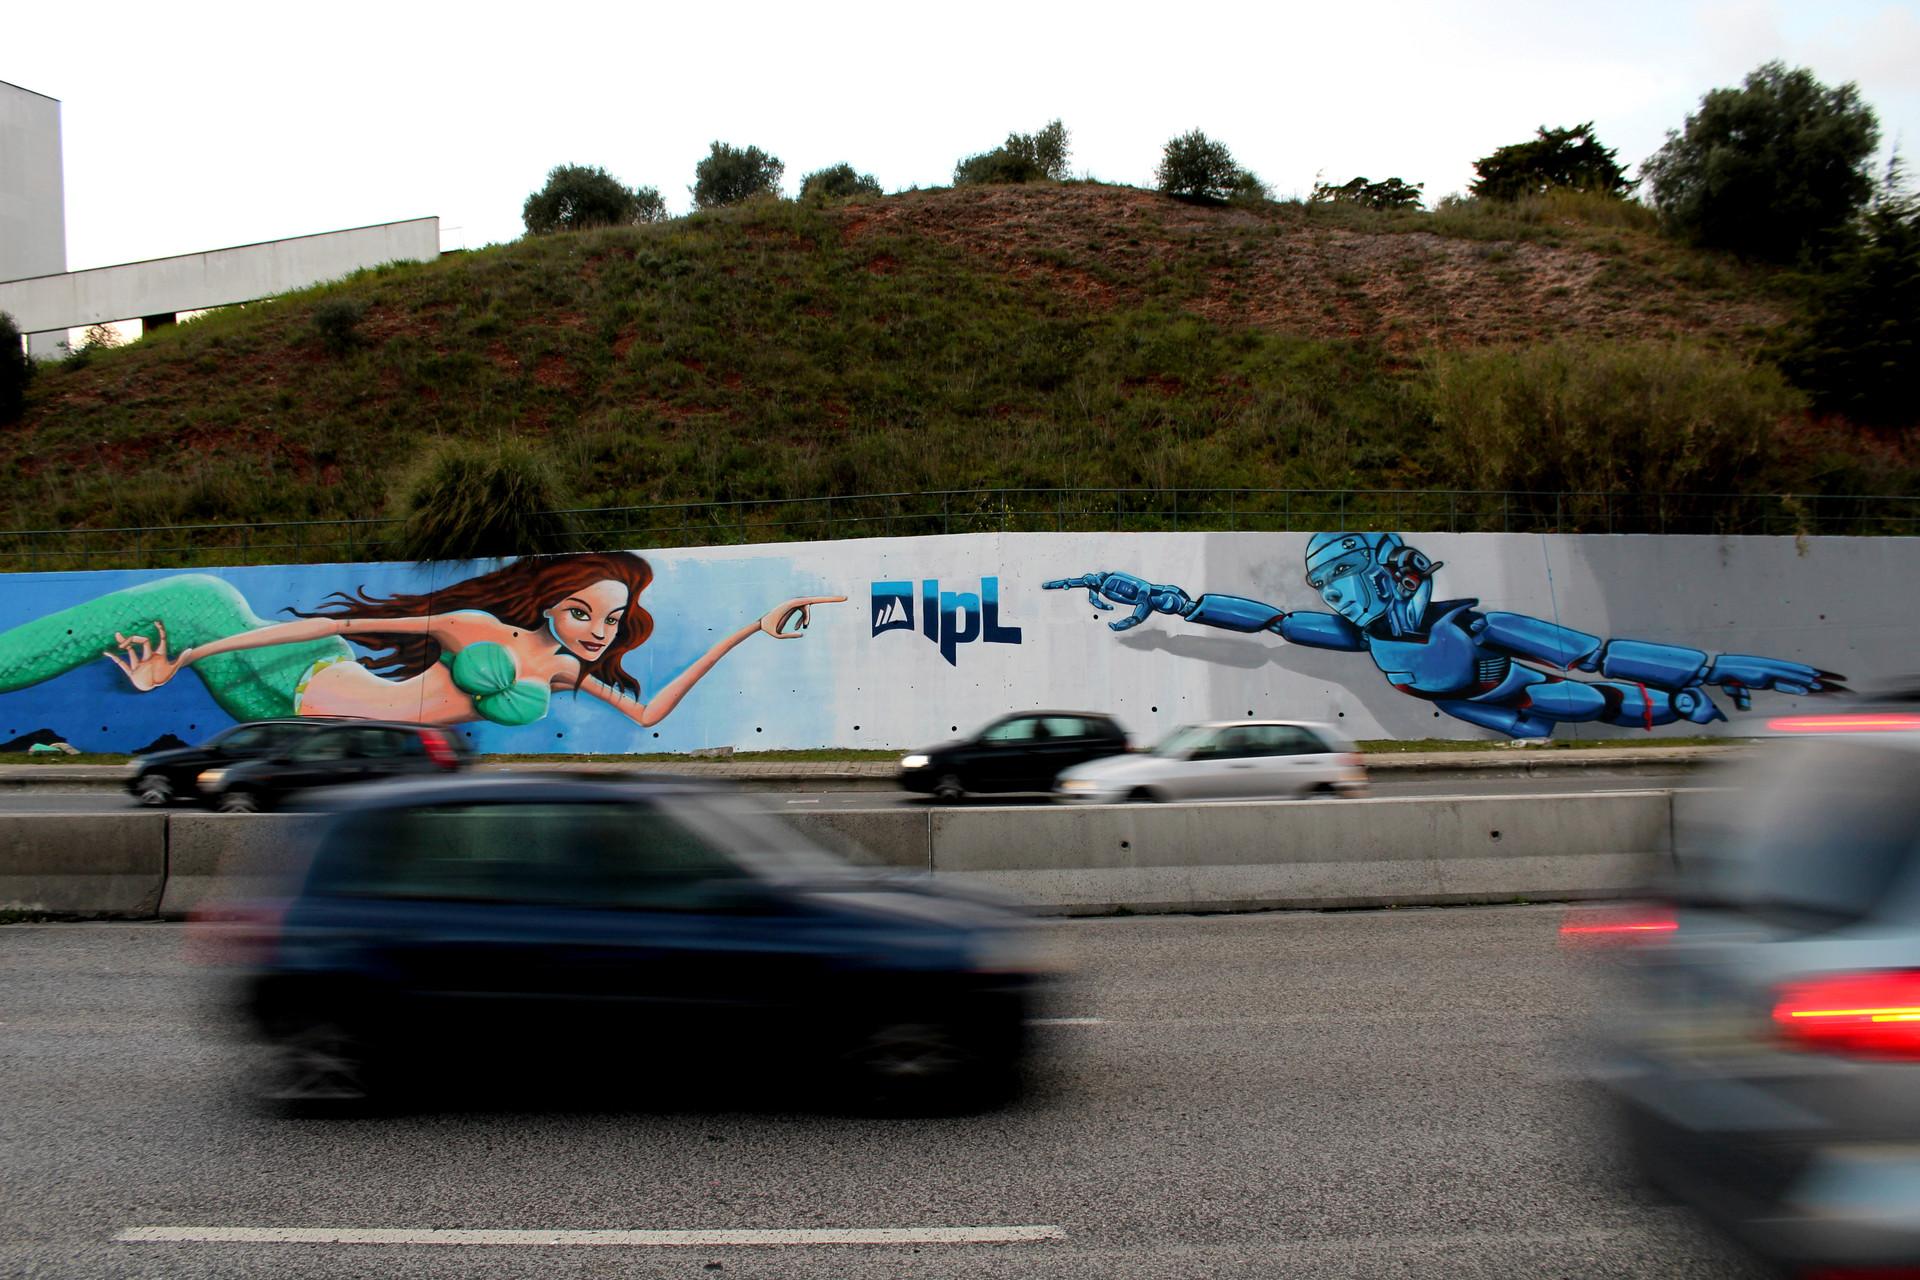 """""""Onde há ciência e arte, há sabedoria e prática"""" - Mural IPL"""